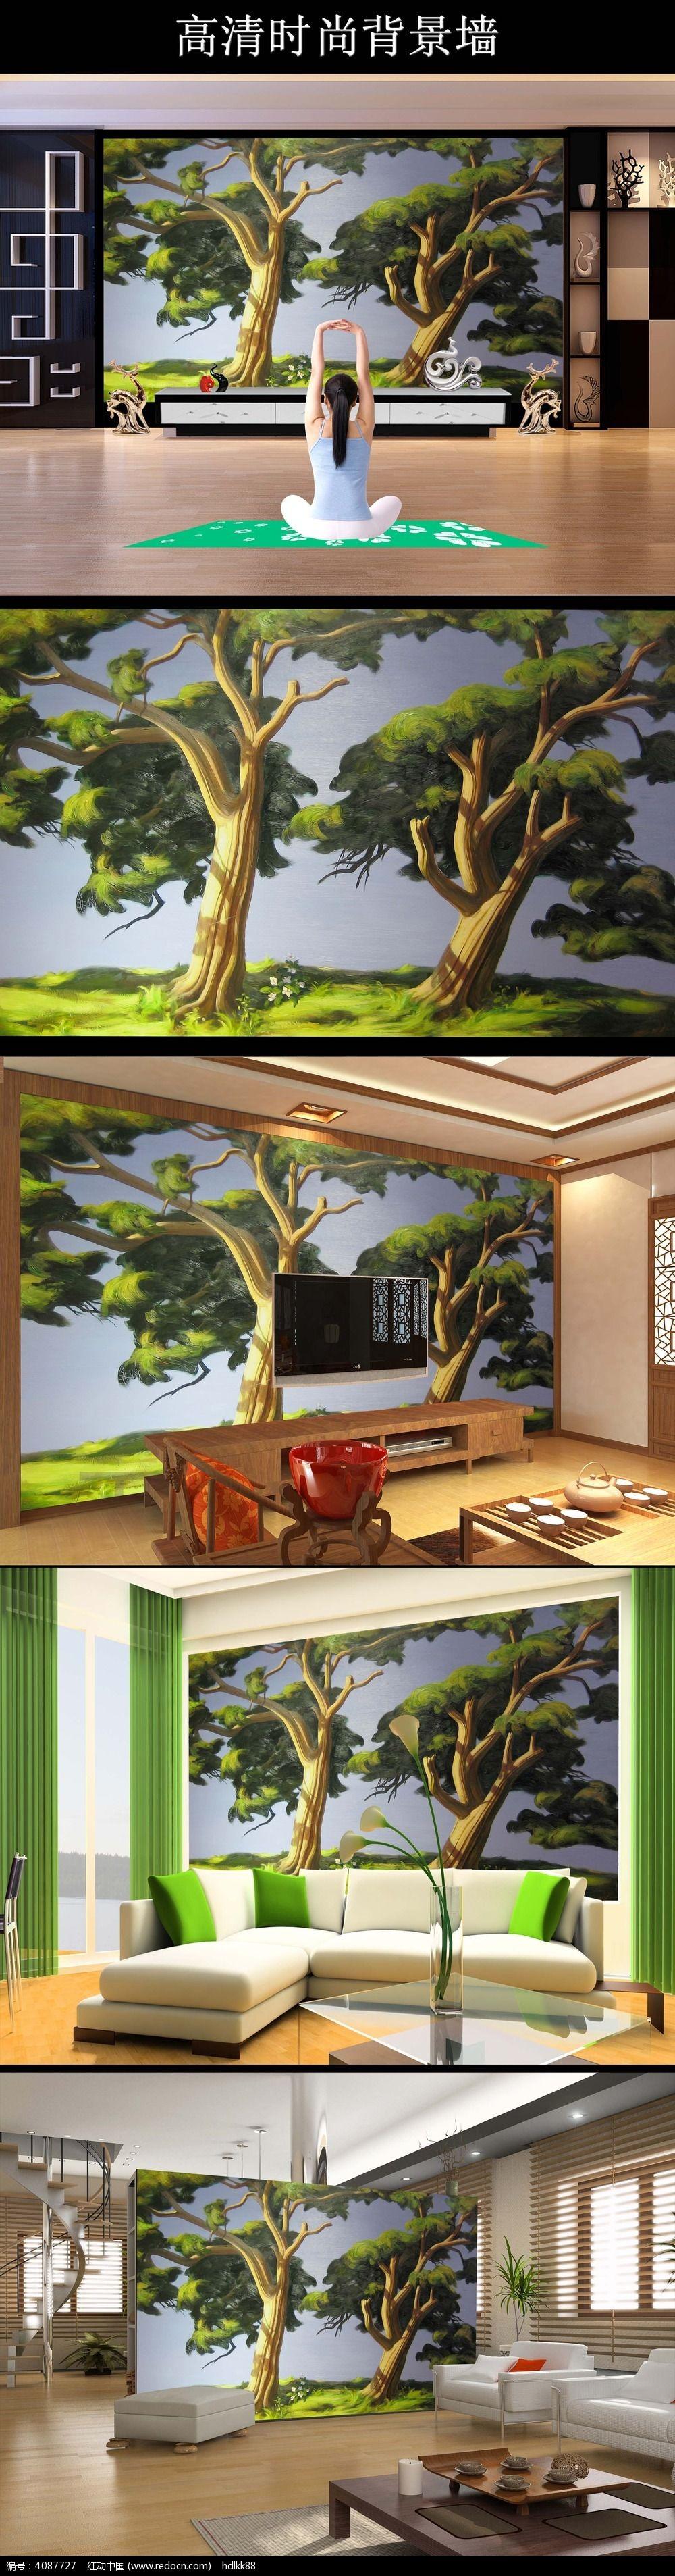 一棵大树油画电视背景墙